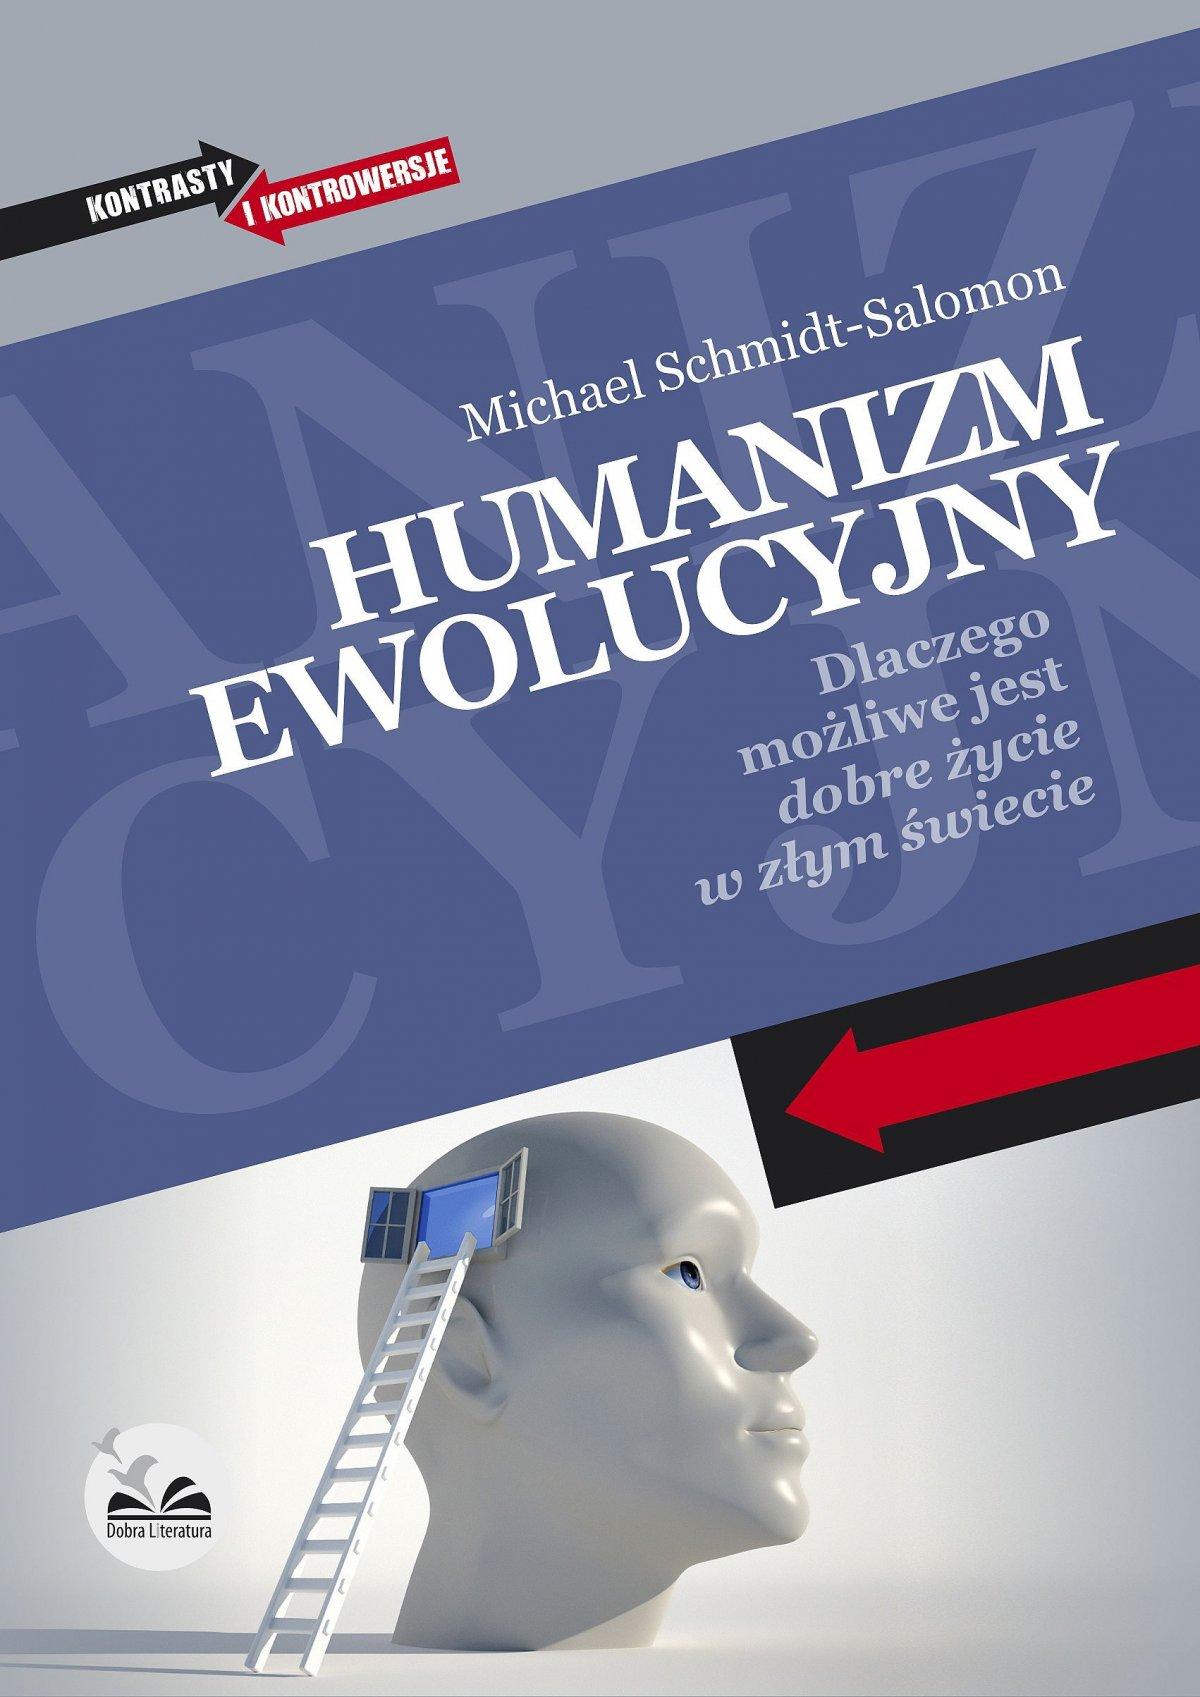 Humanizm ewolucyjny. Dlaczego możliwe jest dobre życie w złym świecie - Ebook (Książka EPUB) do pobrania w formacie EPUB